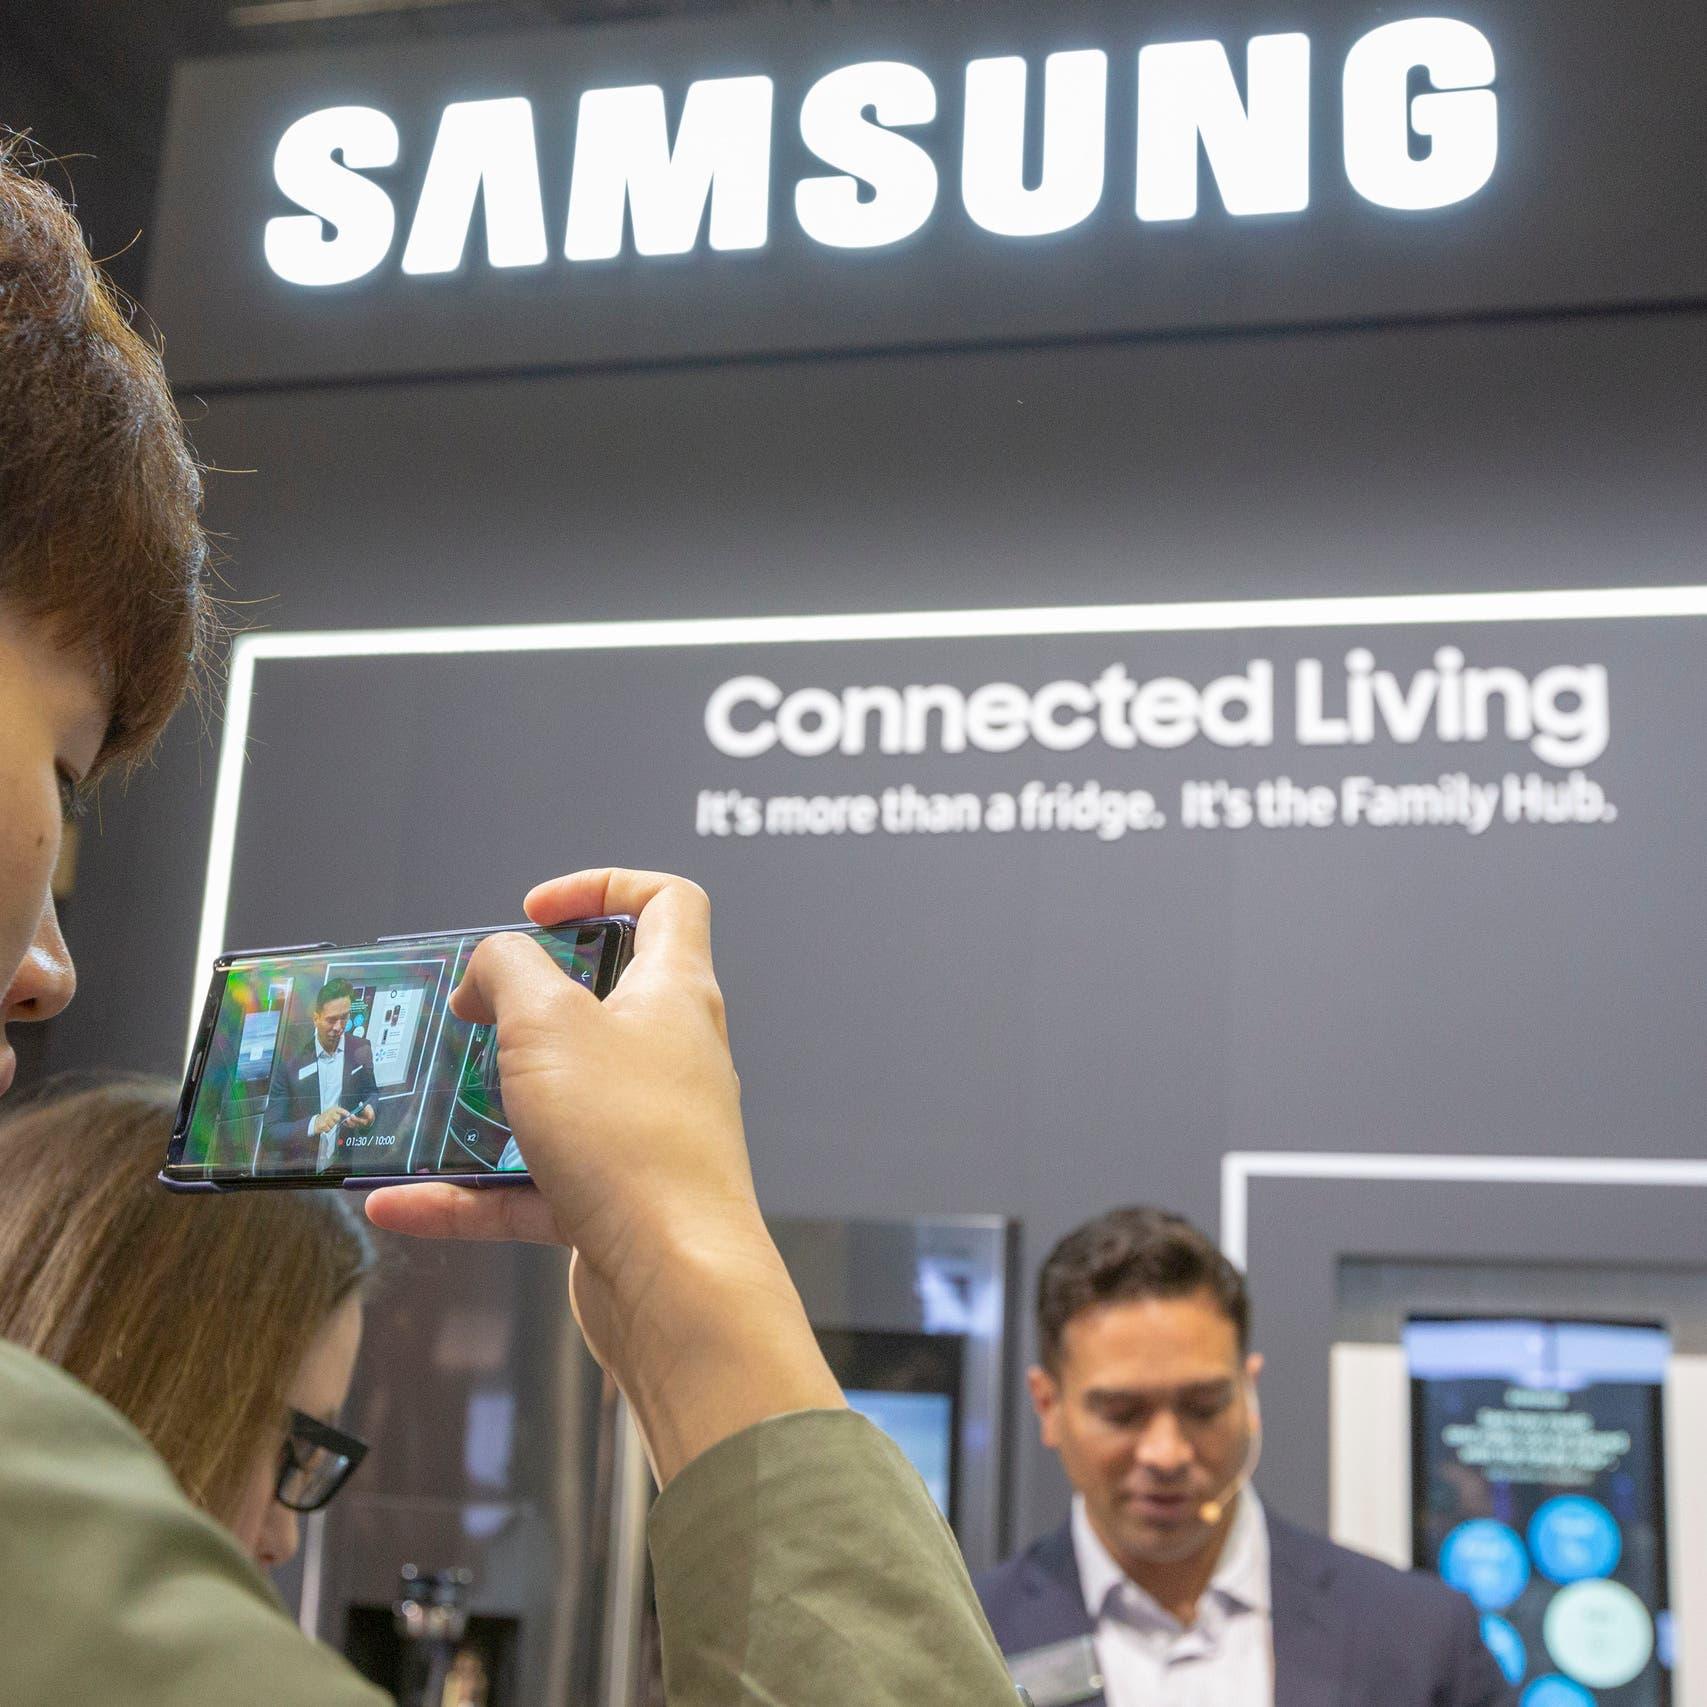 سامسونغ تحقق أرباحاً فصلية فوق التوقعات بدعم من صناعة الرقائق